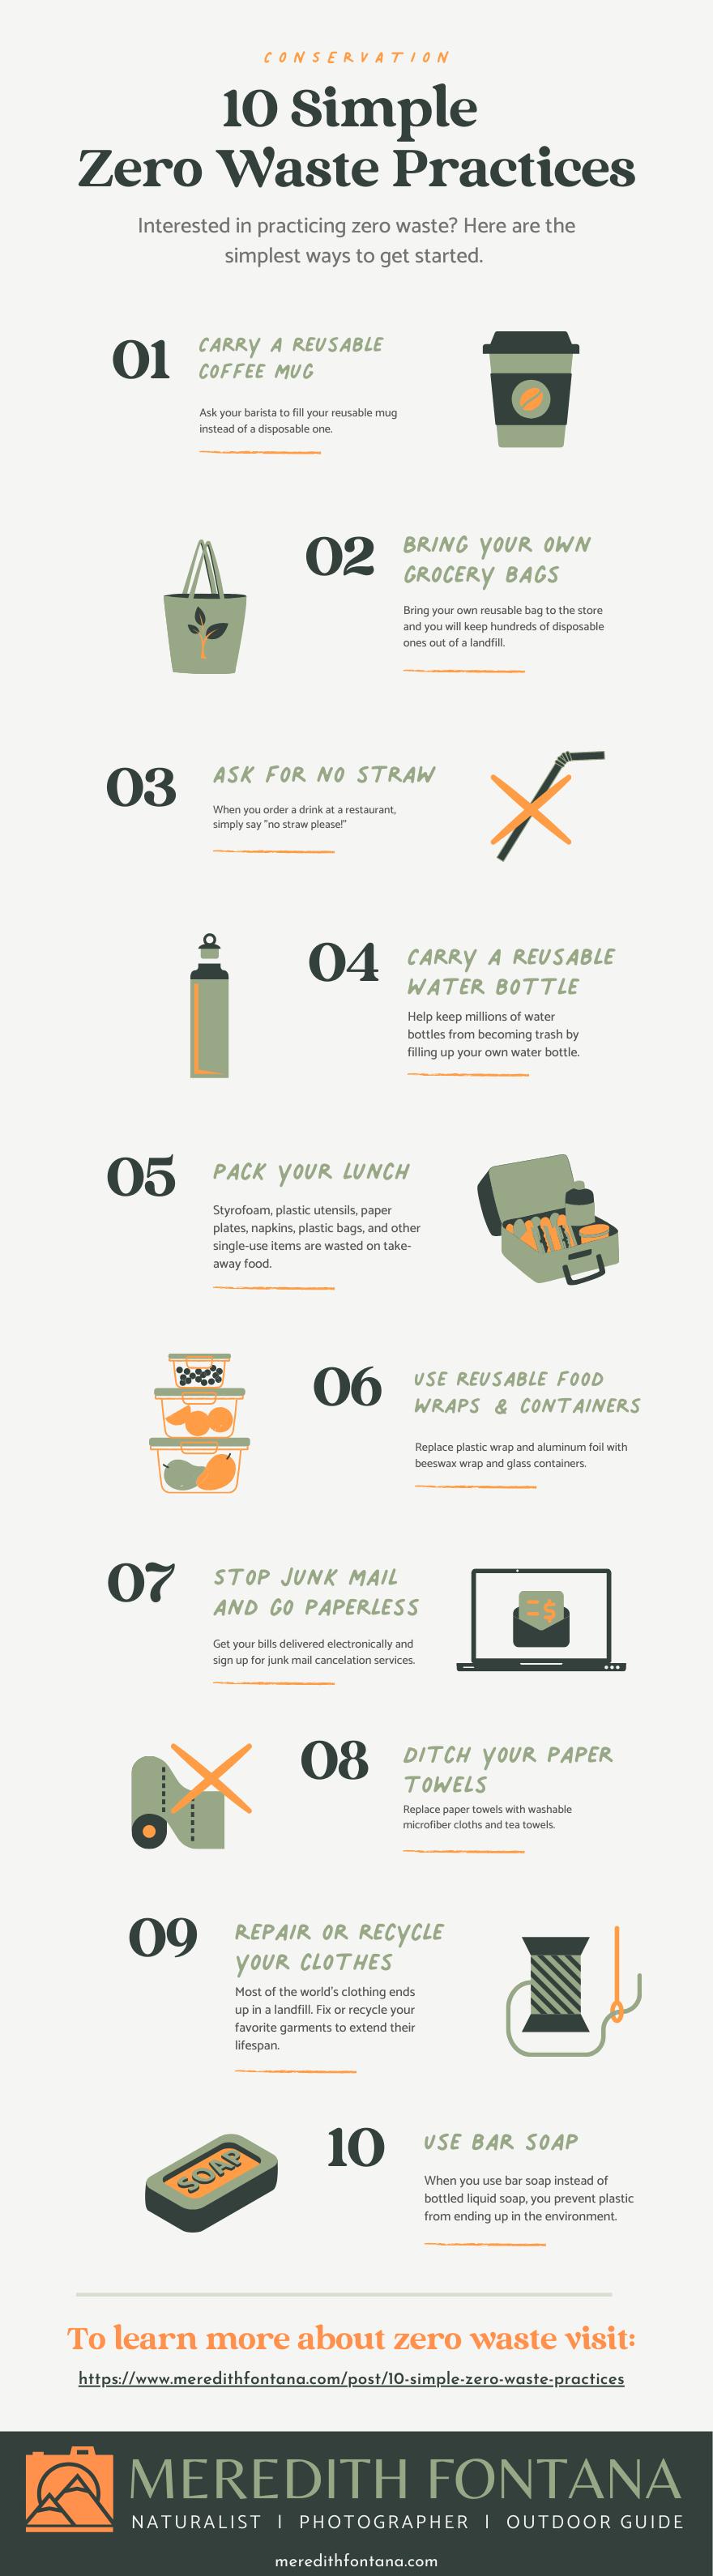 10 simple zero waste practices